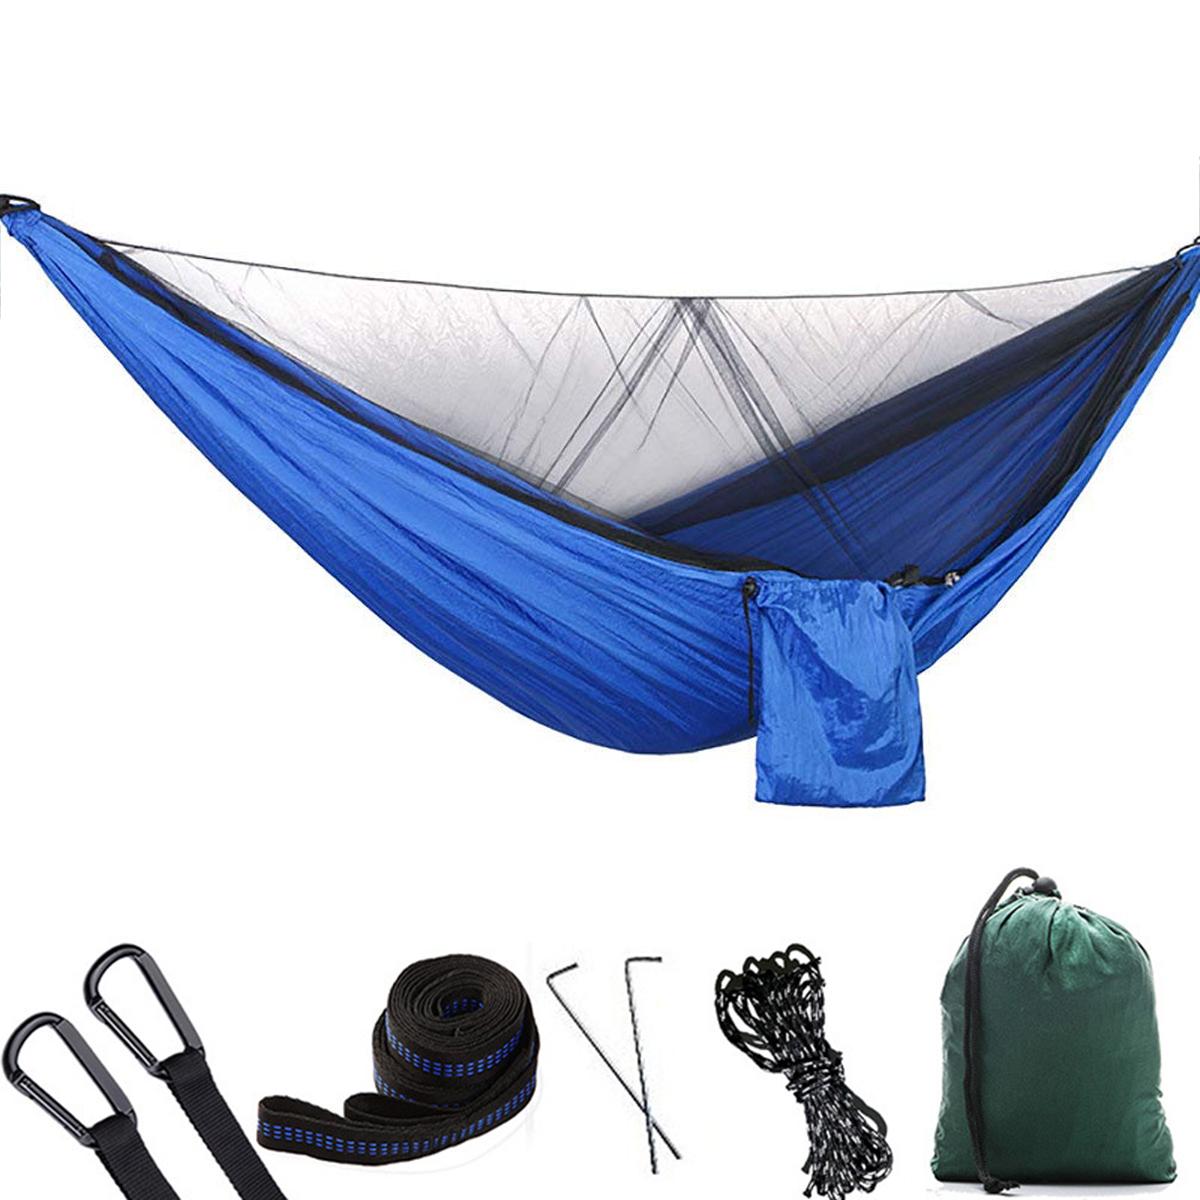 Персоны#and#nbsp;На#and#nbsp;открытом#and#nbsp;воздухе#and#nbsp;Кемпинг Гамак с москитной сеткой Высокопрочная парашютная ткань Подвесная кровать Охота Спящ